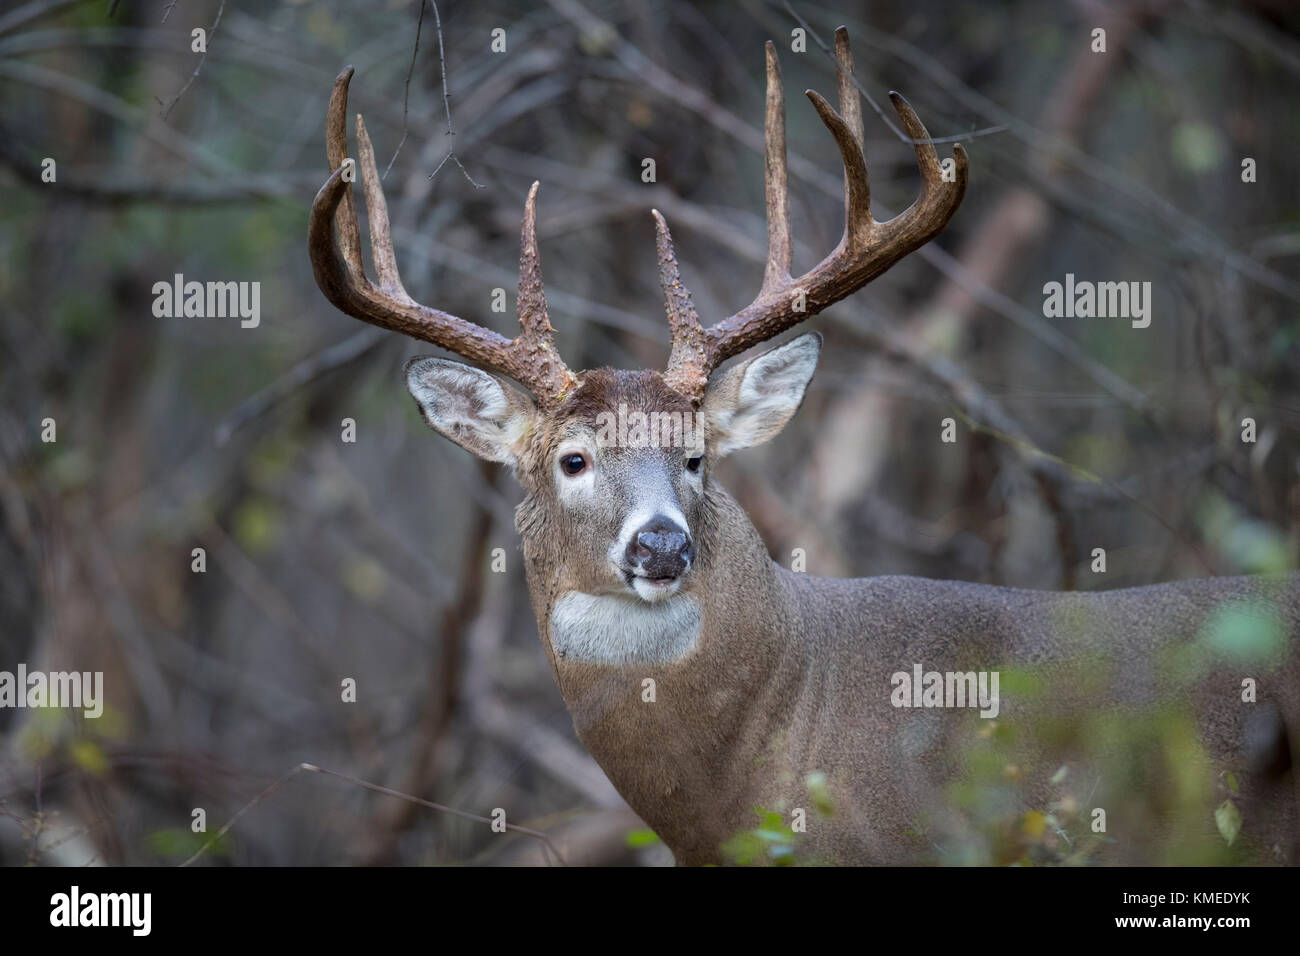 Una muy amplia, madura buck venado mirando alerta. Imagen De Stock